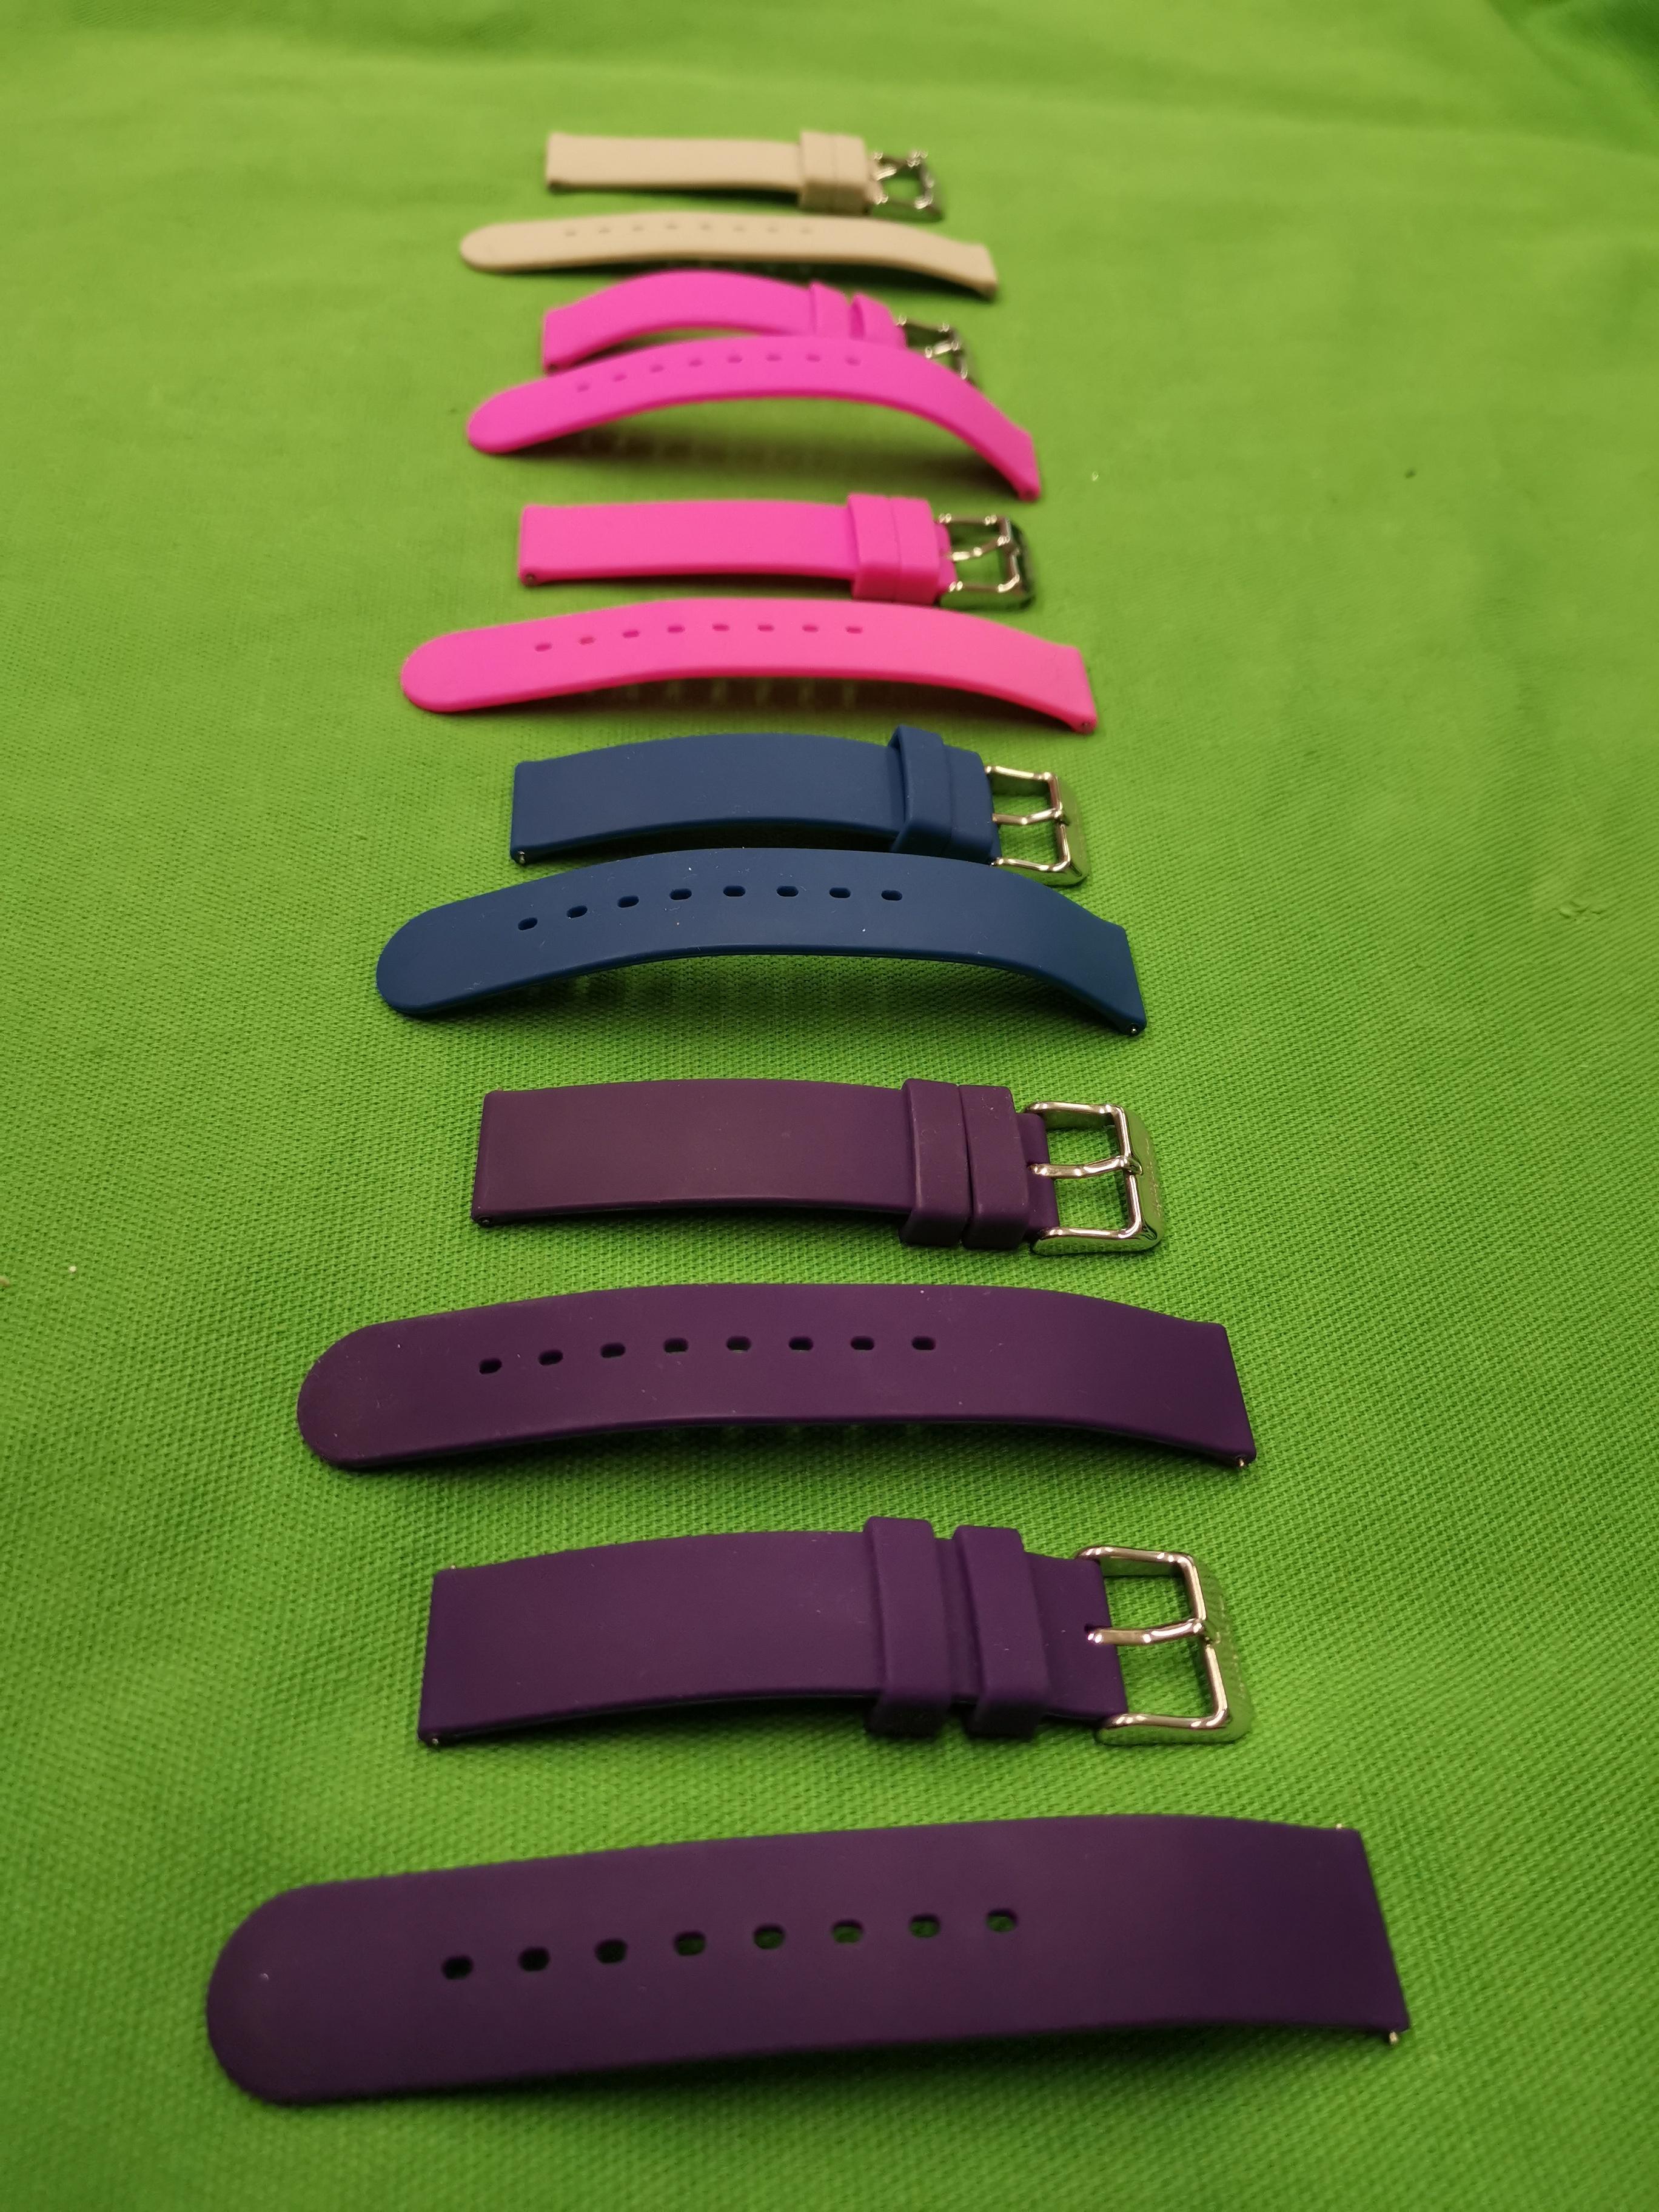 Kaucsuk óra szíjak több színben, kiemelt kép